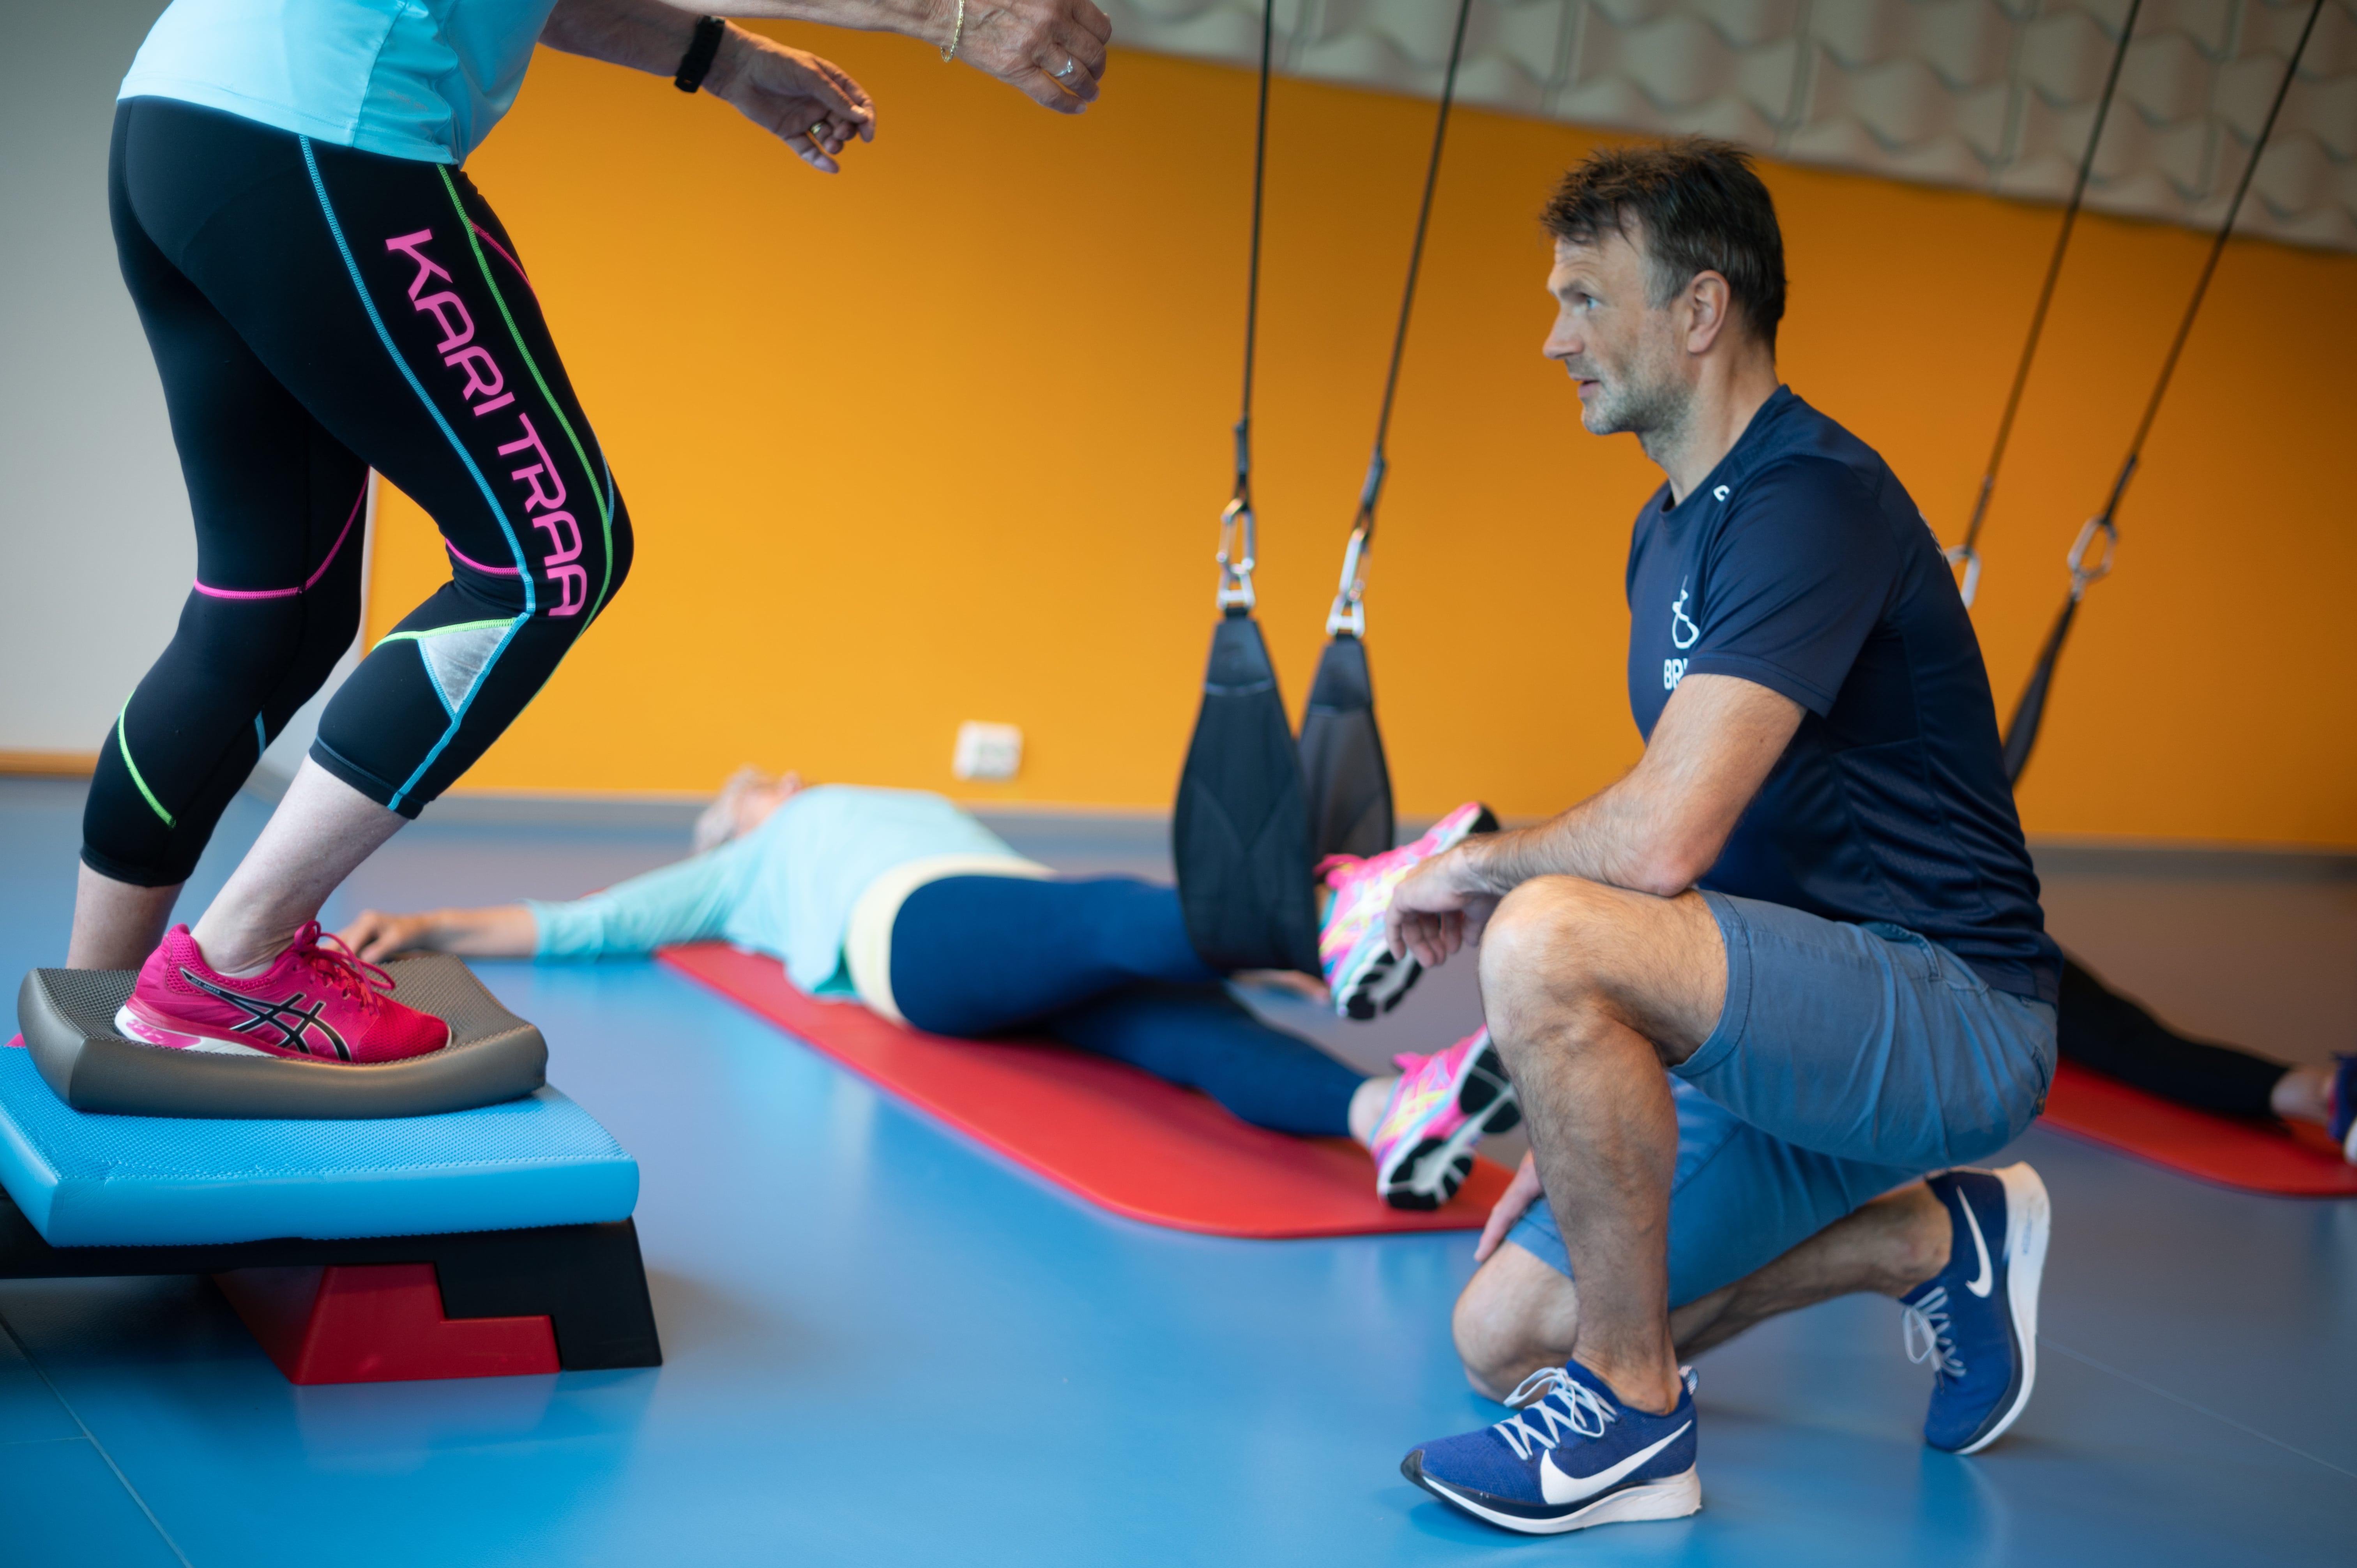 Aktiv med artrose kurs